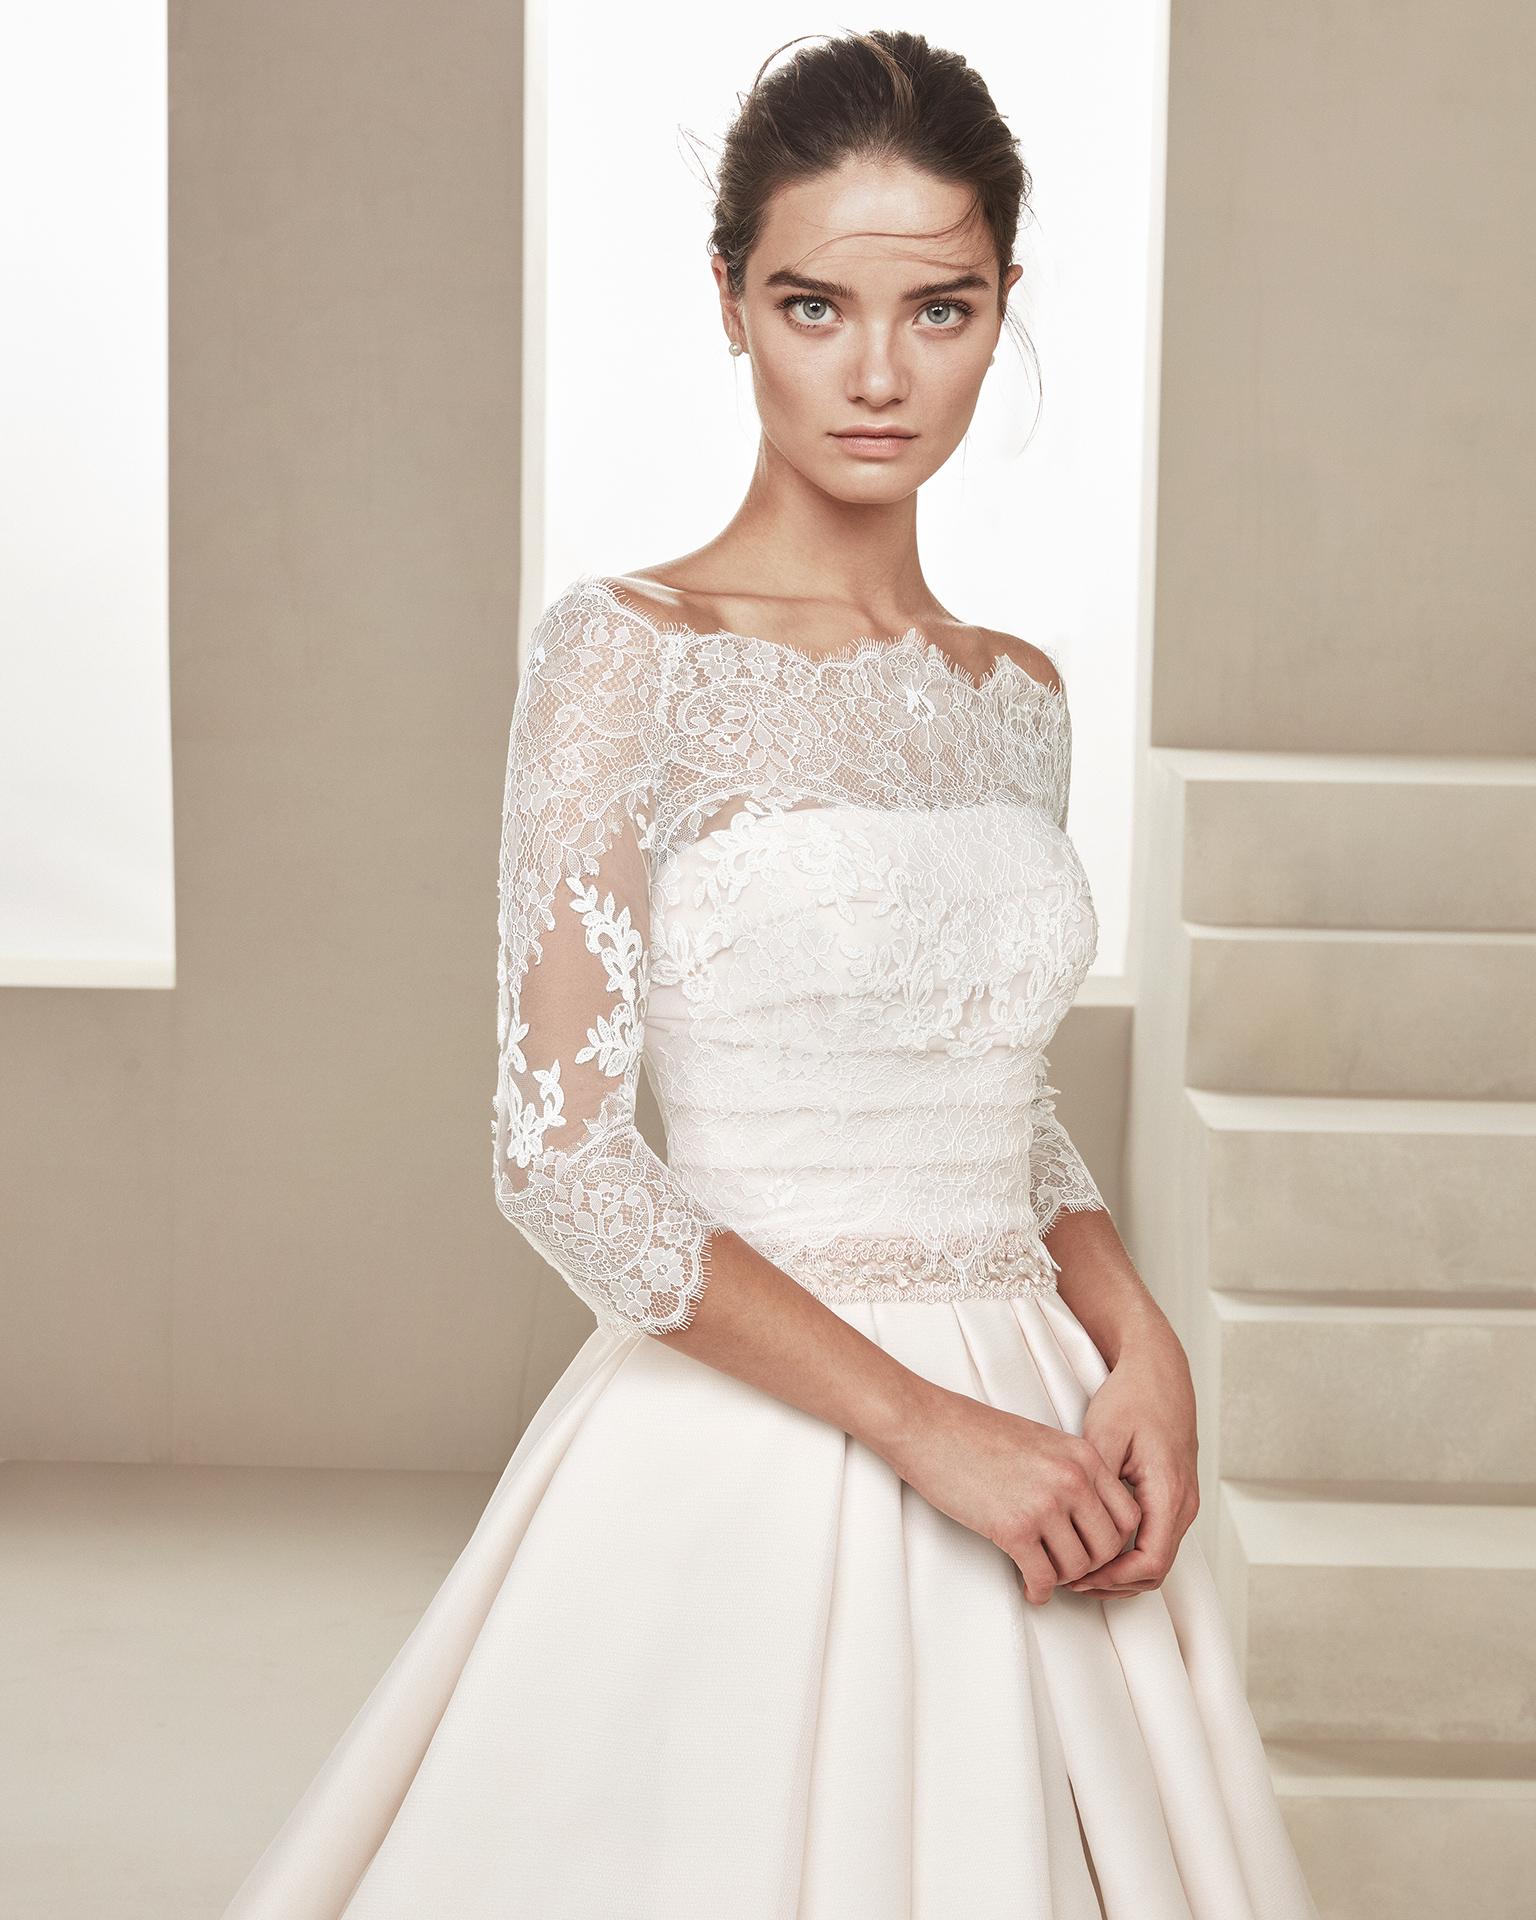 Vestido de novia clásico en gazar. Con escote palabra de honor y pedrería en la cintura. Disponible en color rosé y natural. Colección ALMANOVIA 2019.